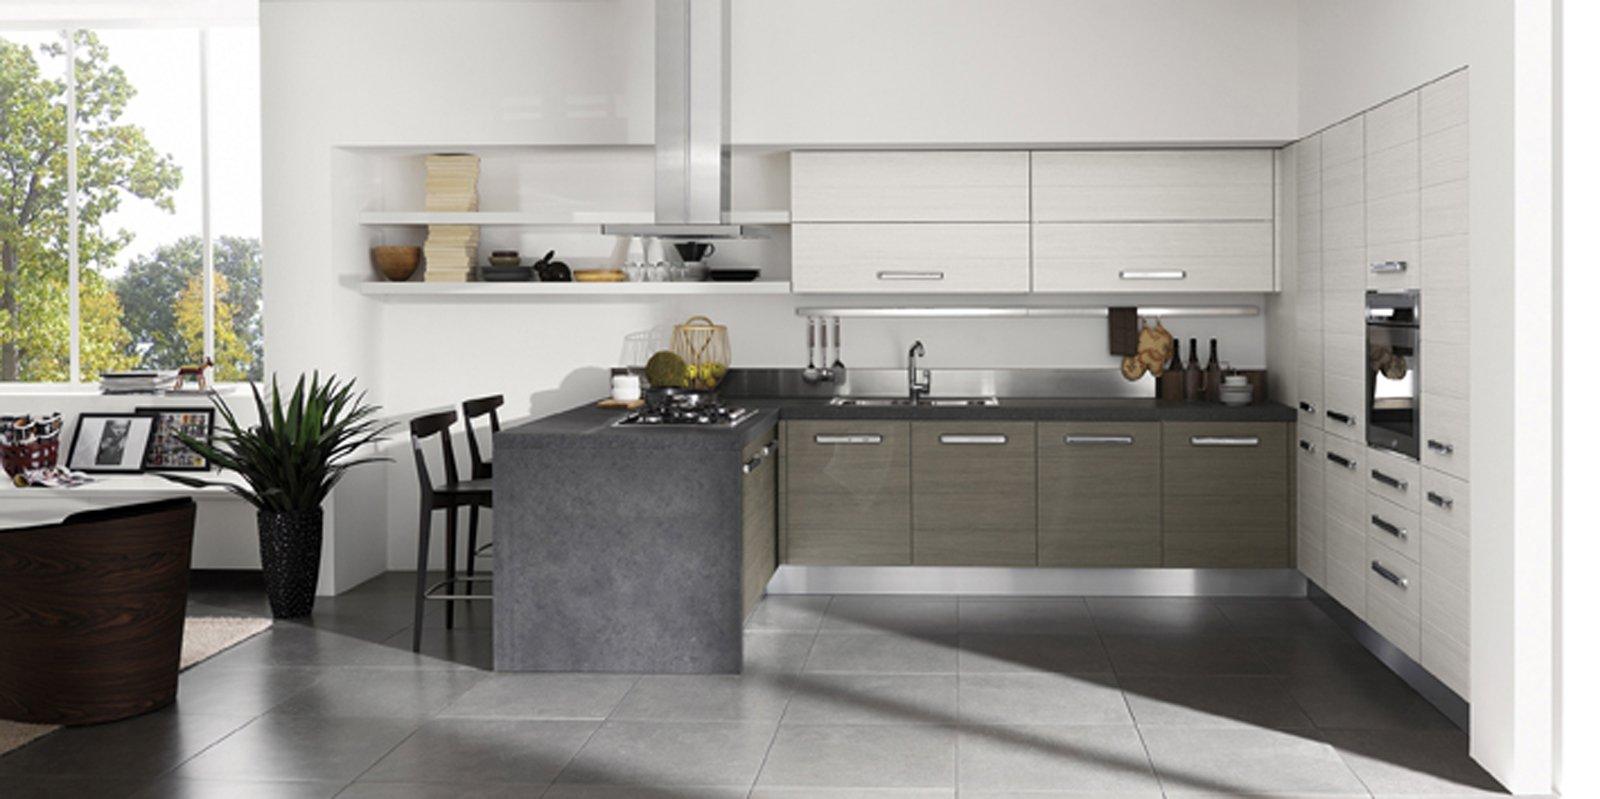 Preferenza Cucine con penisola - Cose di Casa WR59